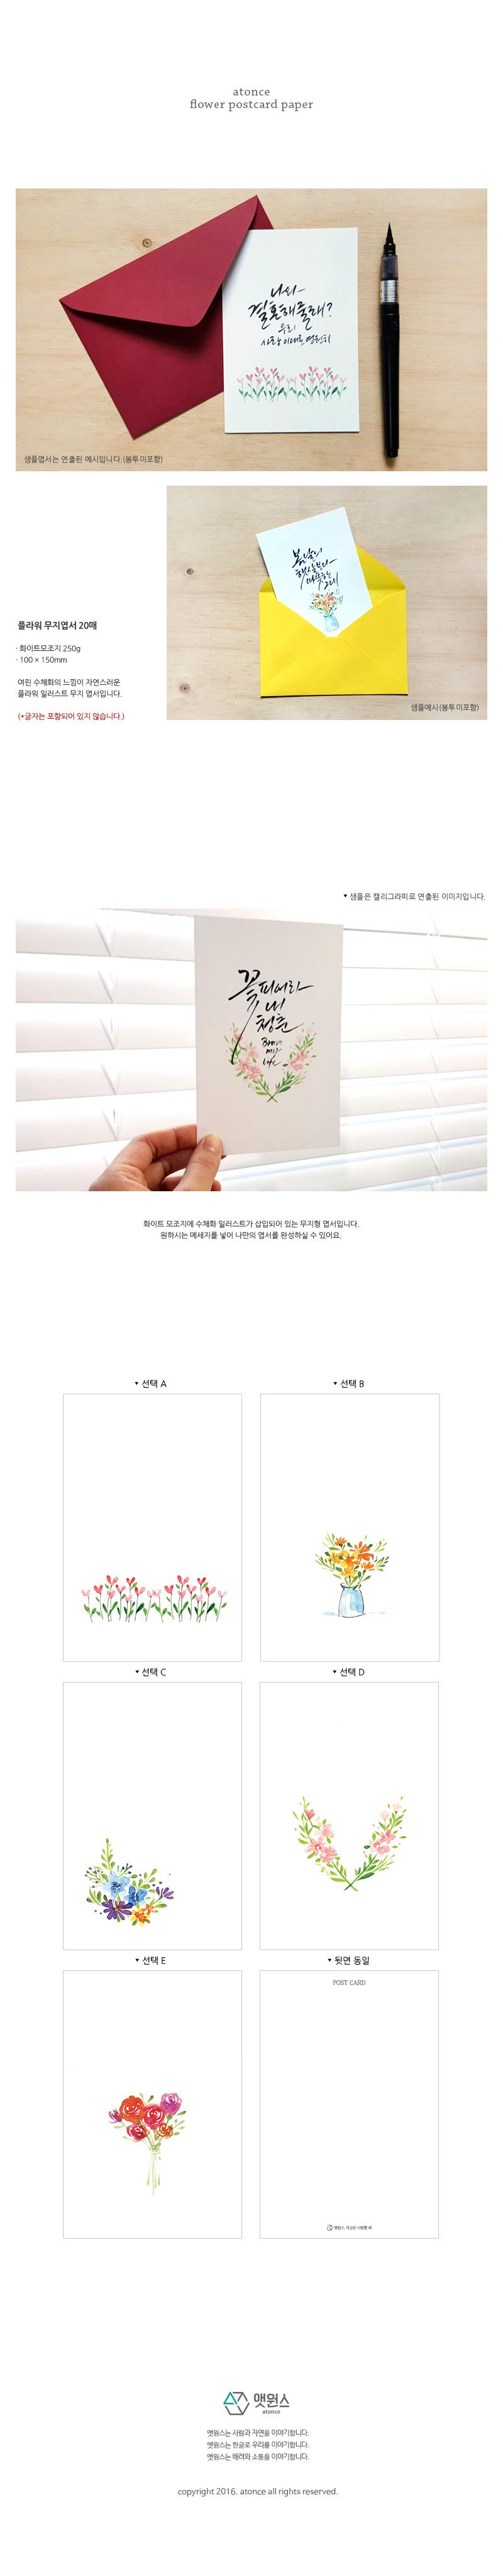 앳원스-플라워 수채화 무지엽서_20매 - 앳원스, 2,000원, 엽서, 엽서세트